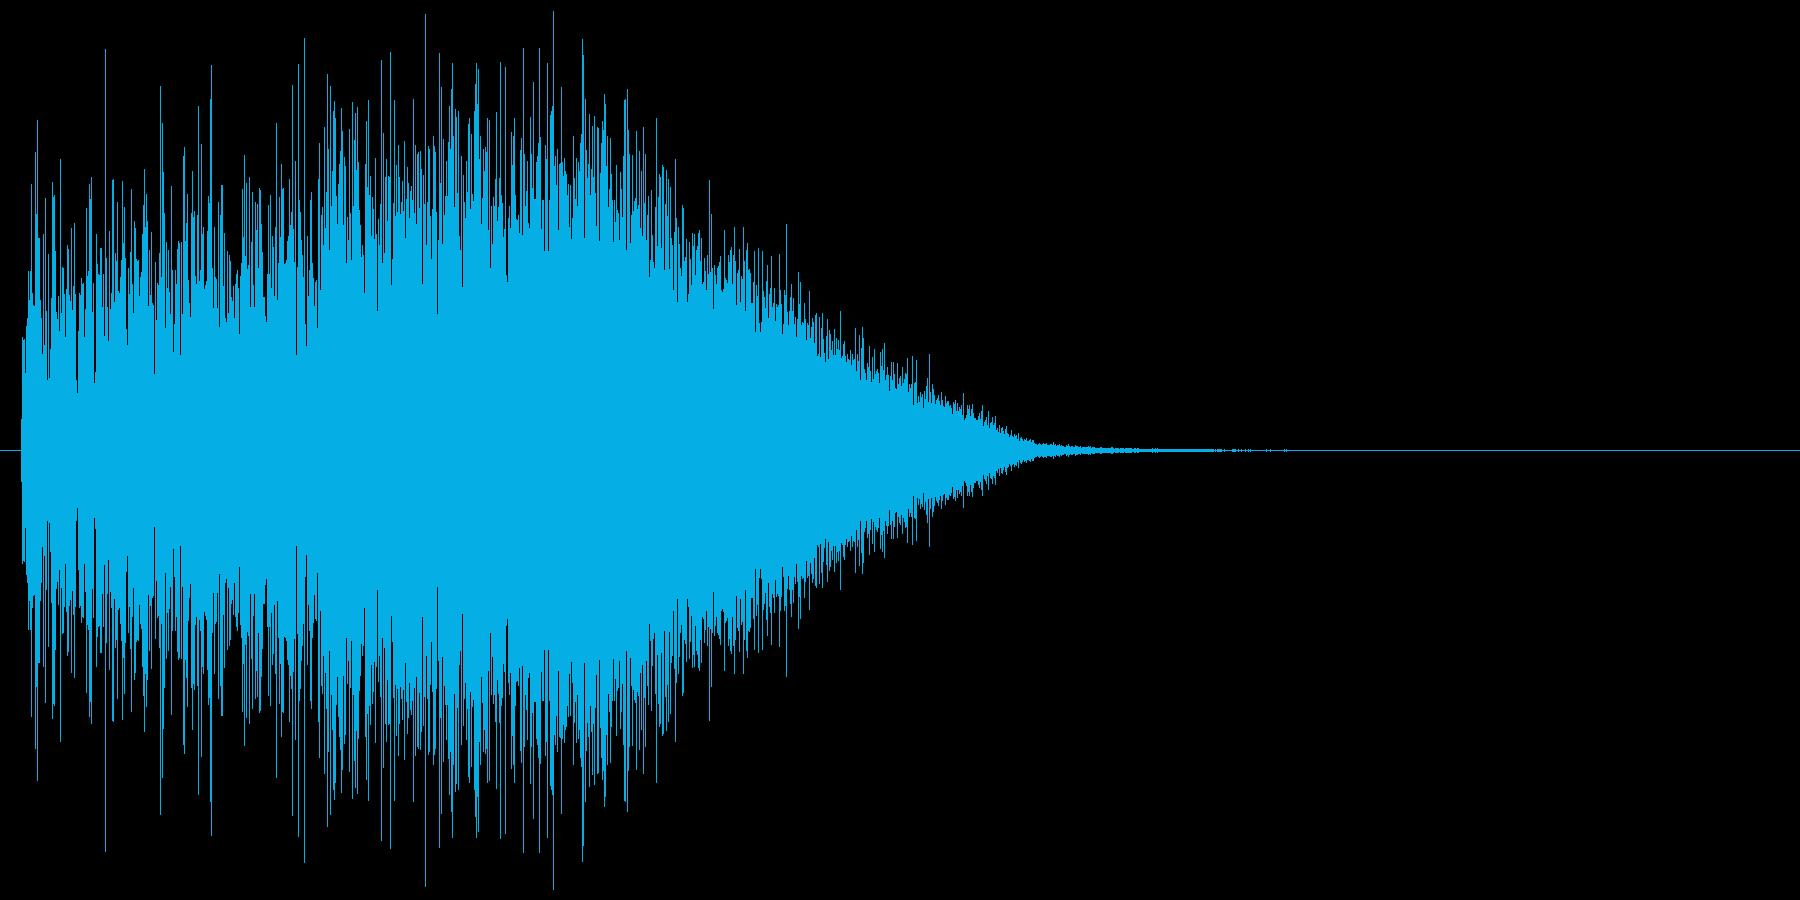 【効果音】フーシュ_上昇の再生済みの波形